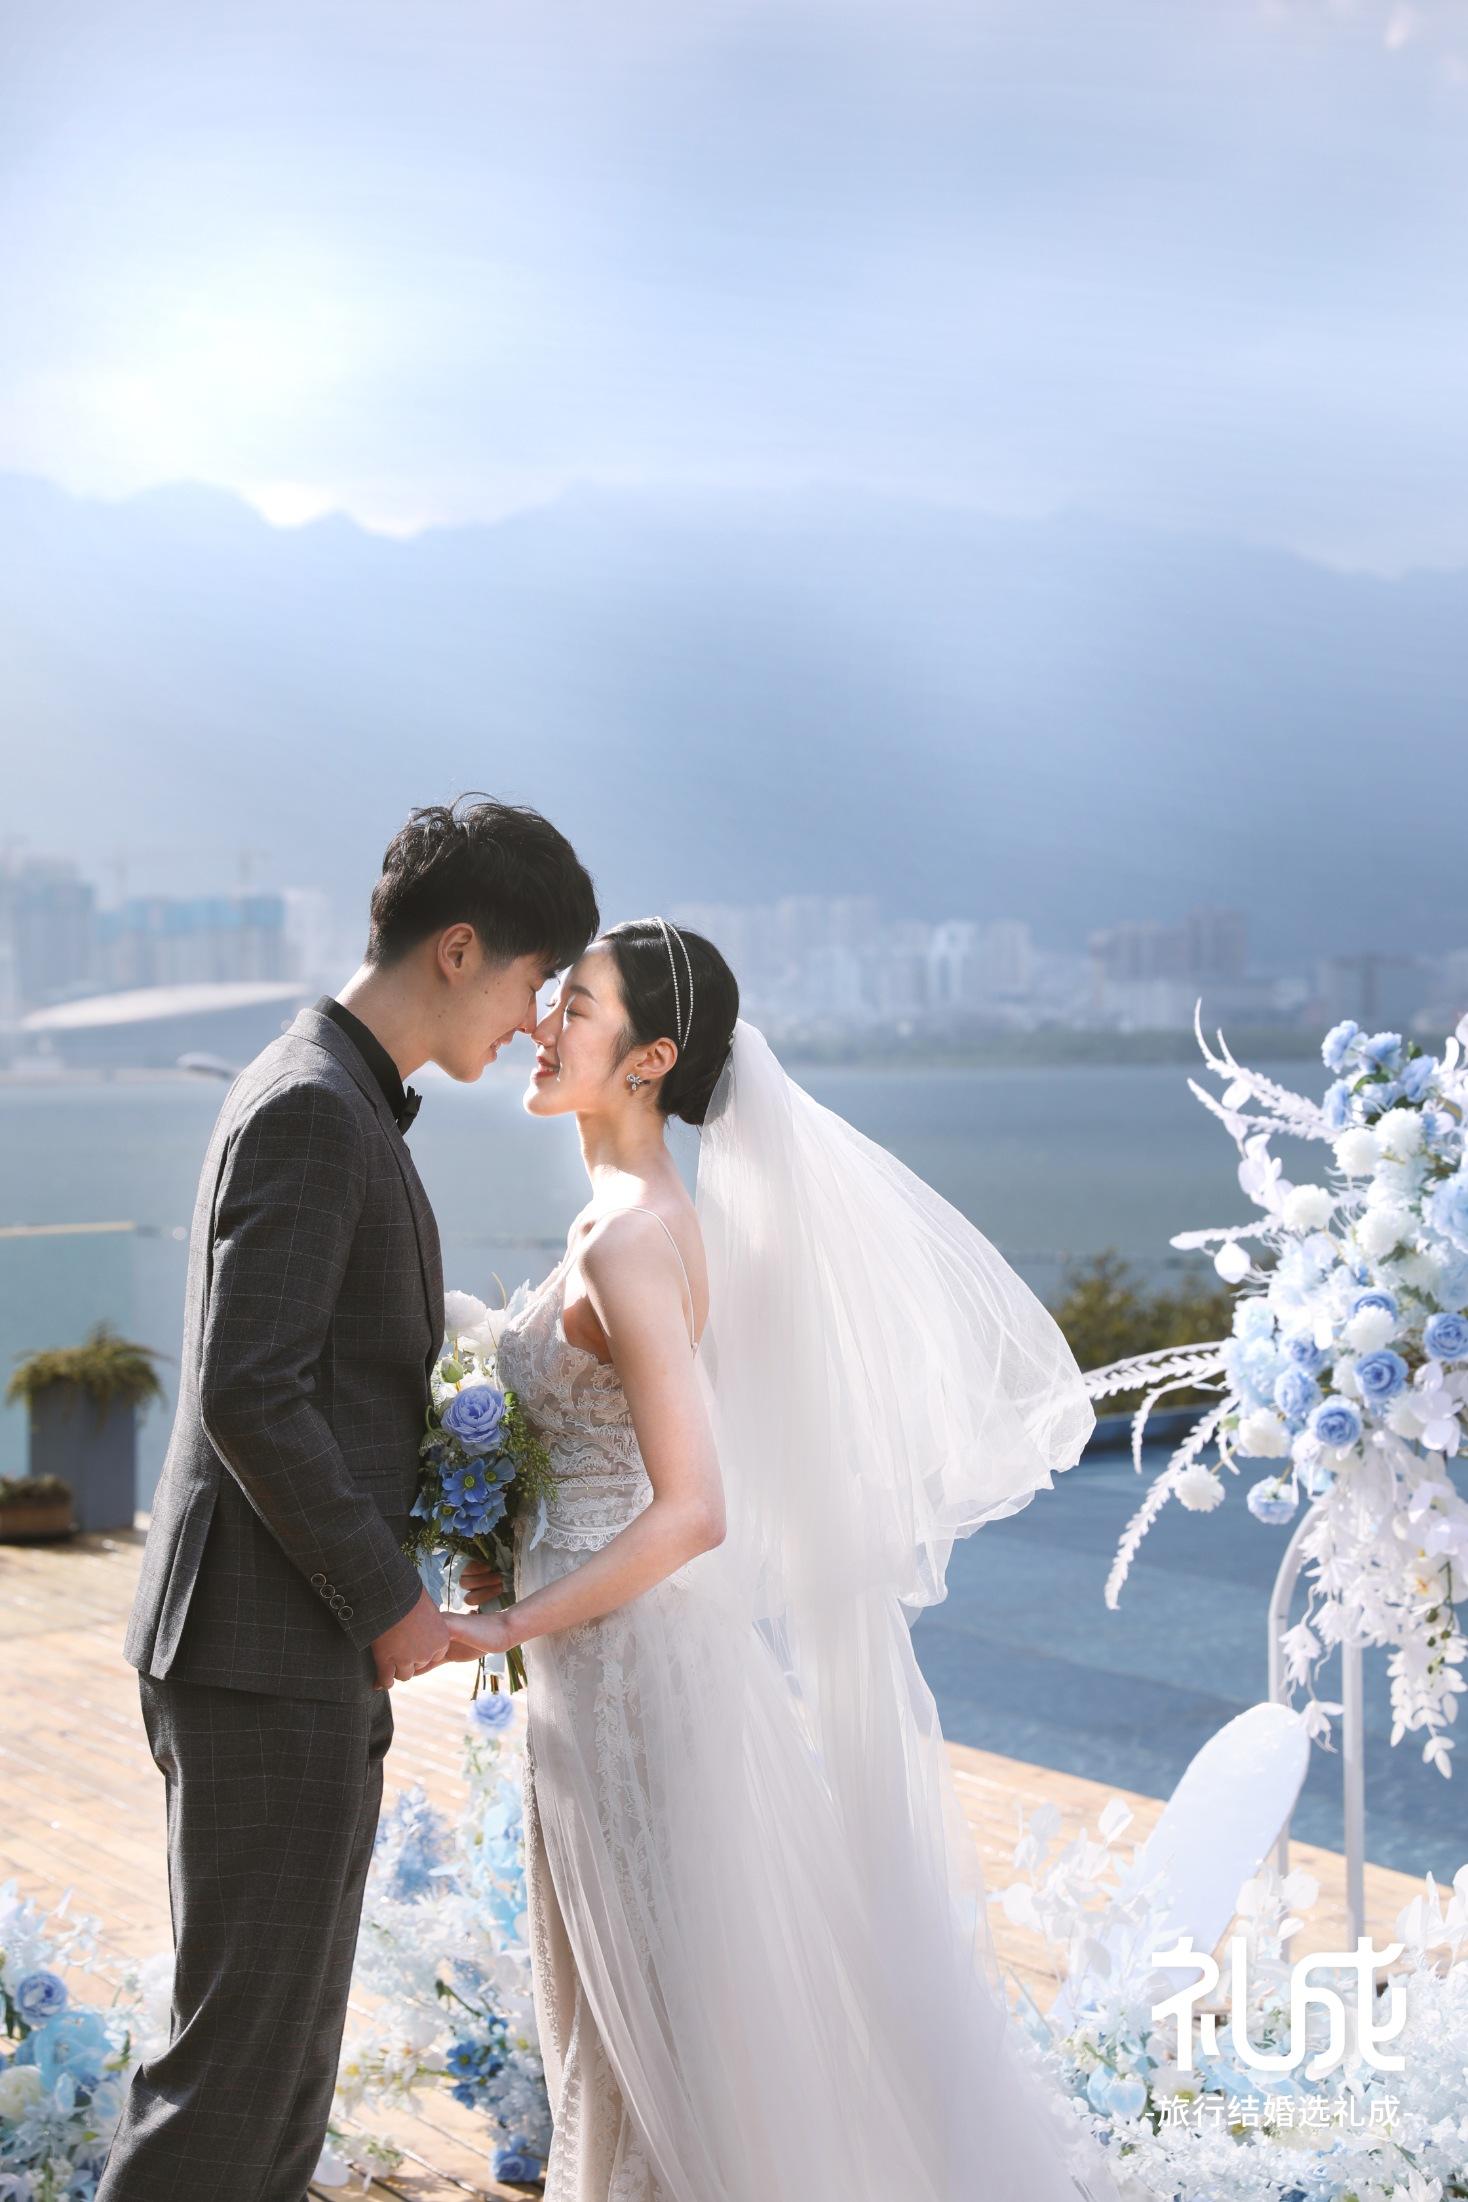 仙人掌🌵先生和向日葵🌻小姐的大理水台婚礼💒